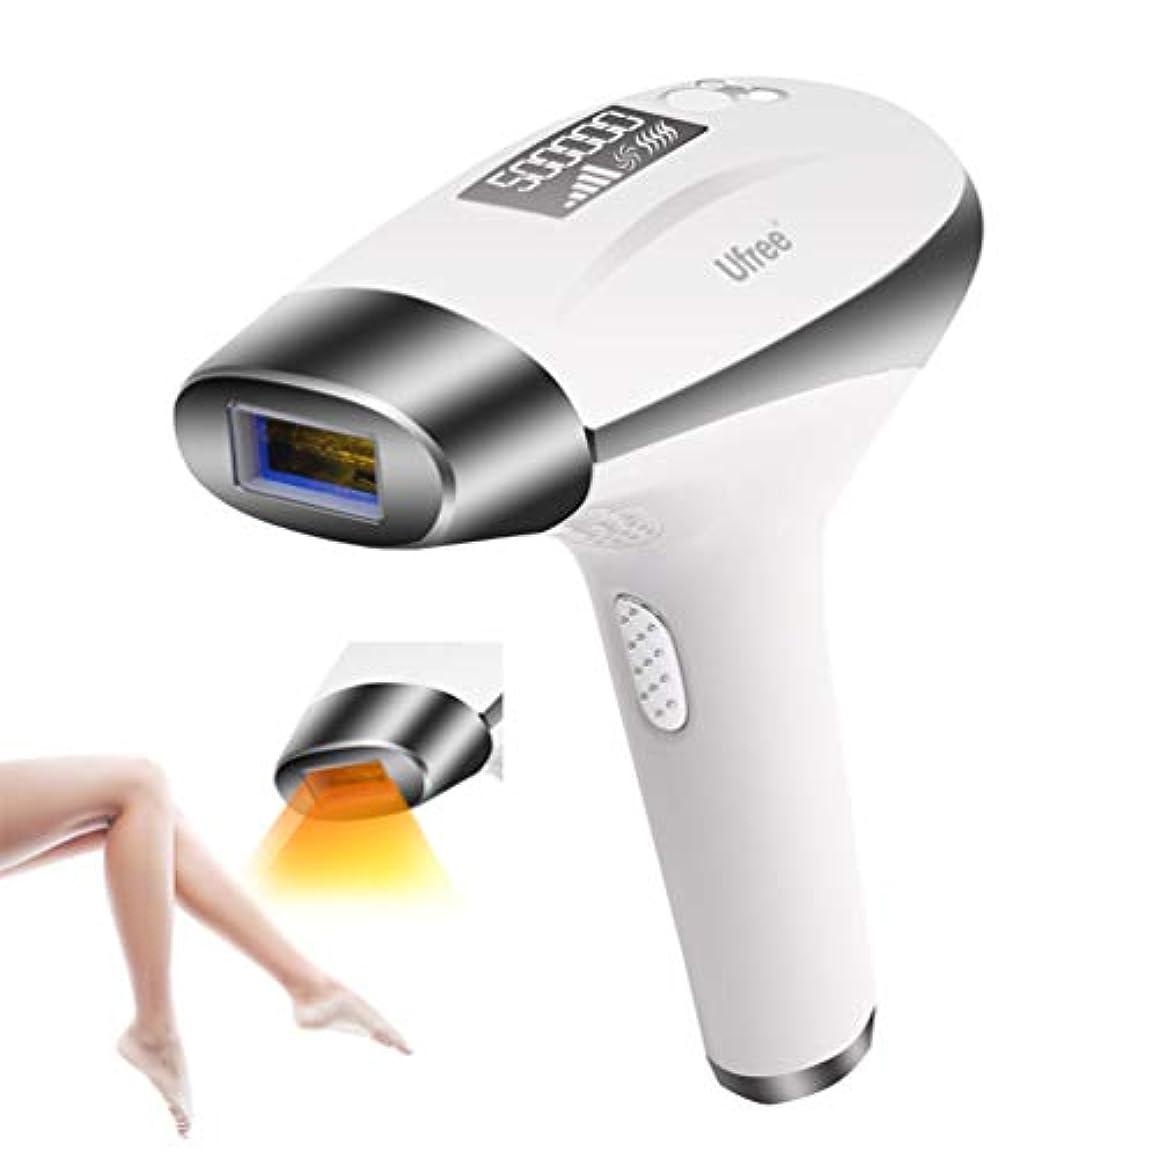 ラッカス逆さまに霊女性の男性の体の顔とビキニ脇の下の痛みのない永久的な美容デバイスのポータブルレーザー脱毛ライト脱毛器